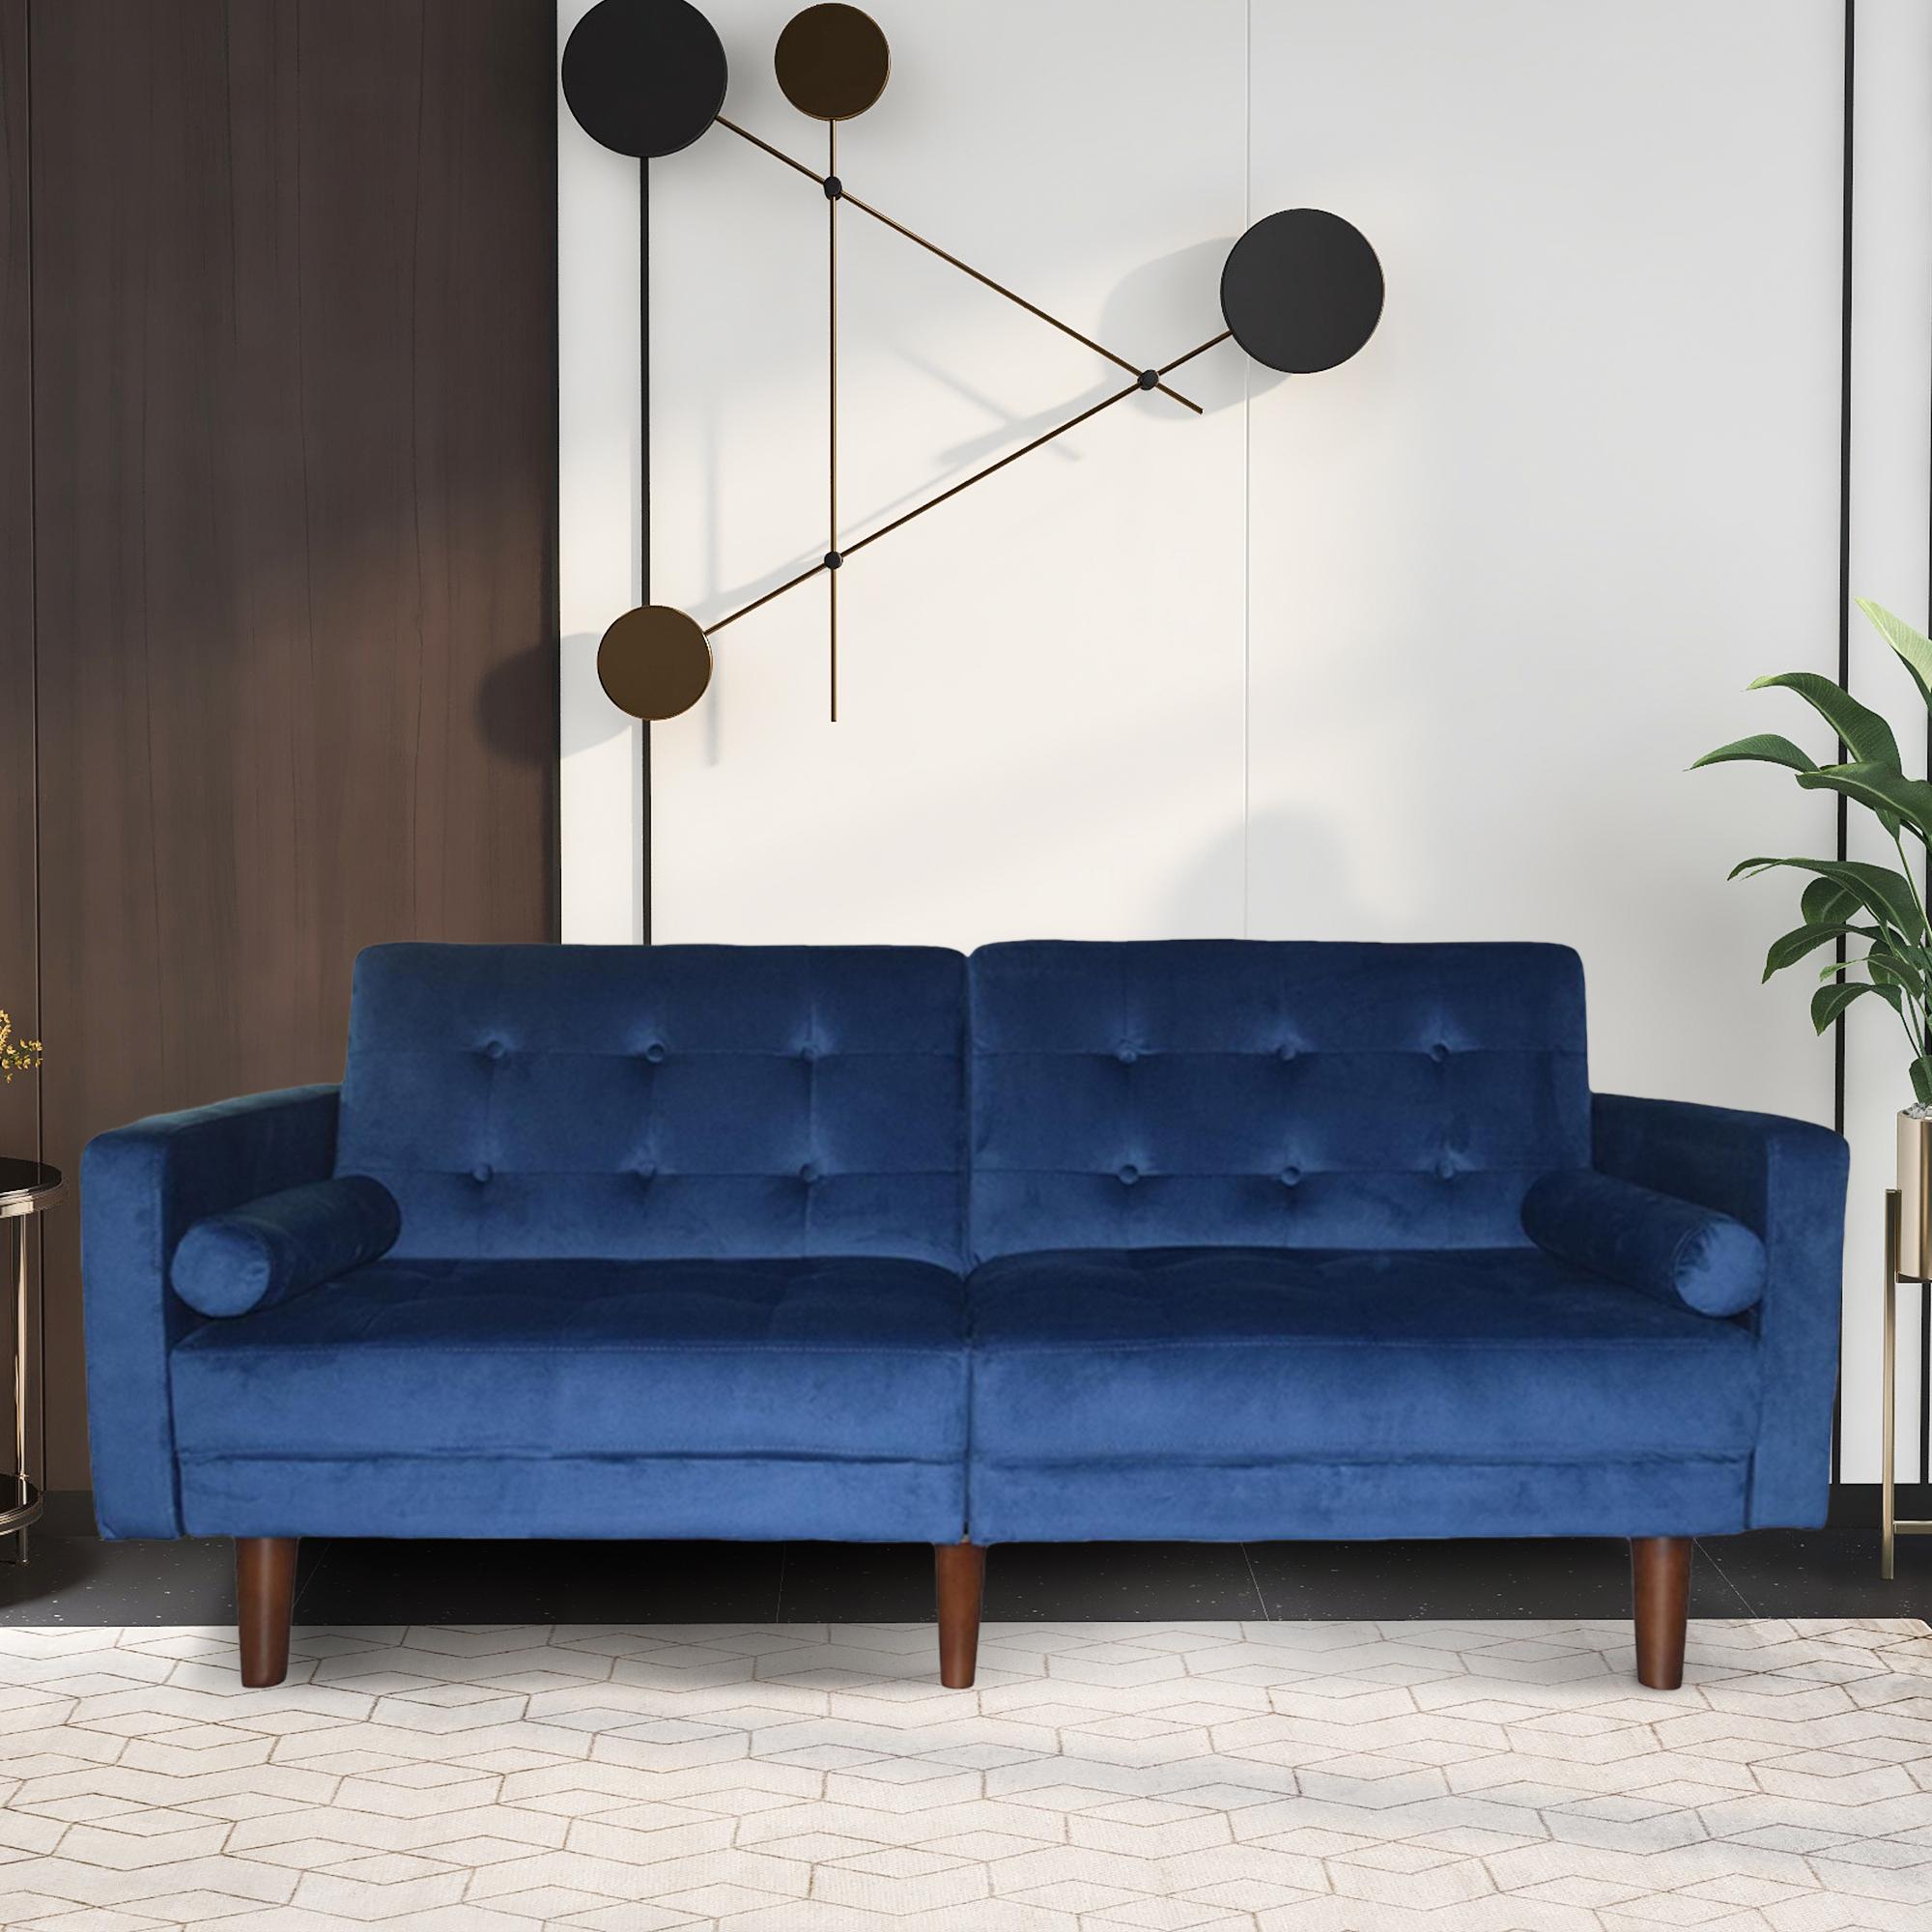 Famous Dove Mid Century Sectional Sofas Dark Blue For Blue Sofa Bed, Mid Century Modern Velvet Upholstered (View 2 of 20)